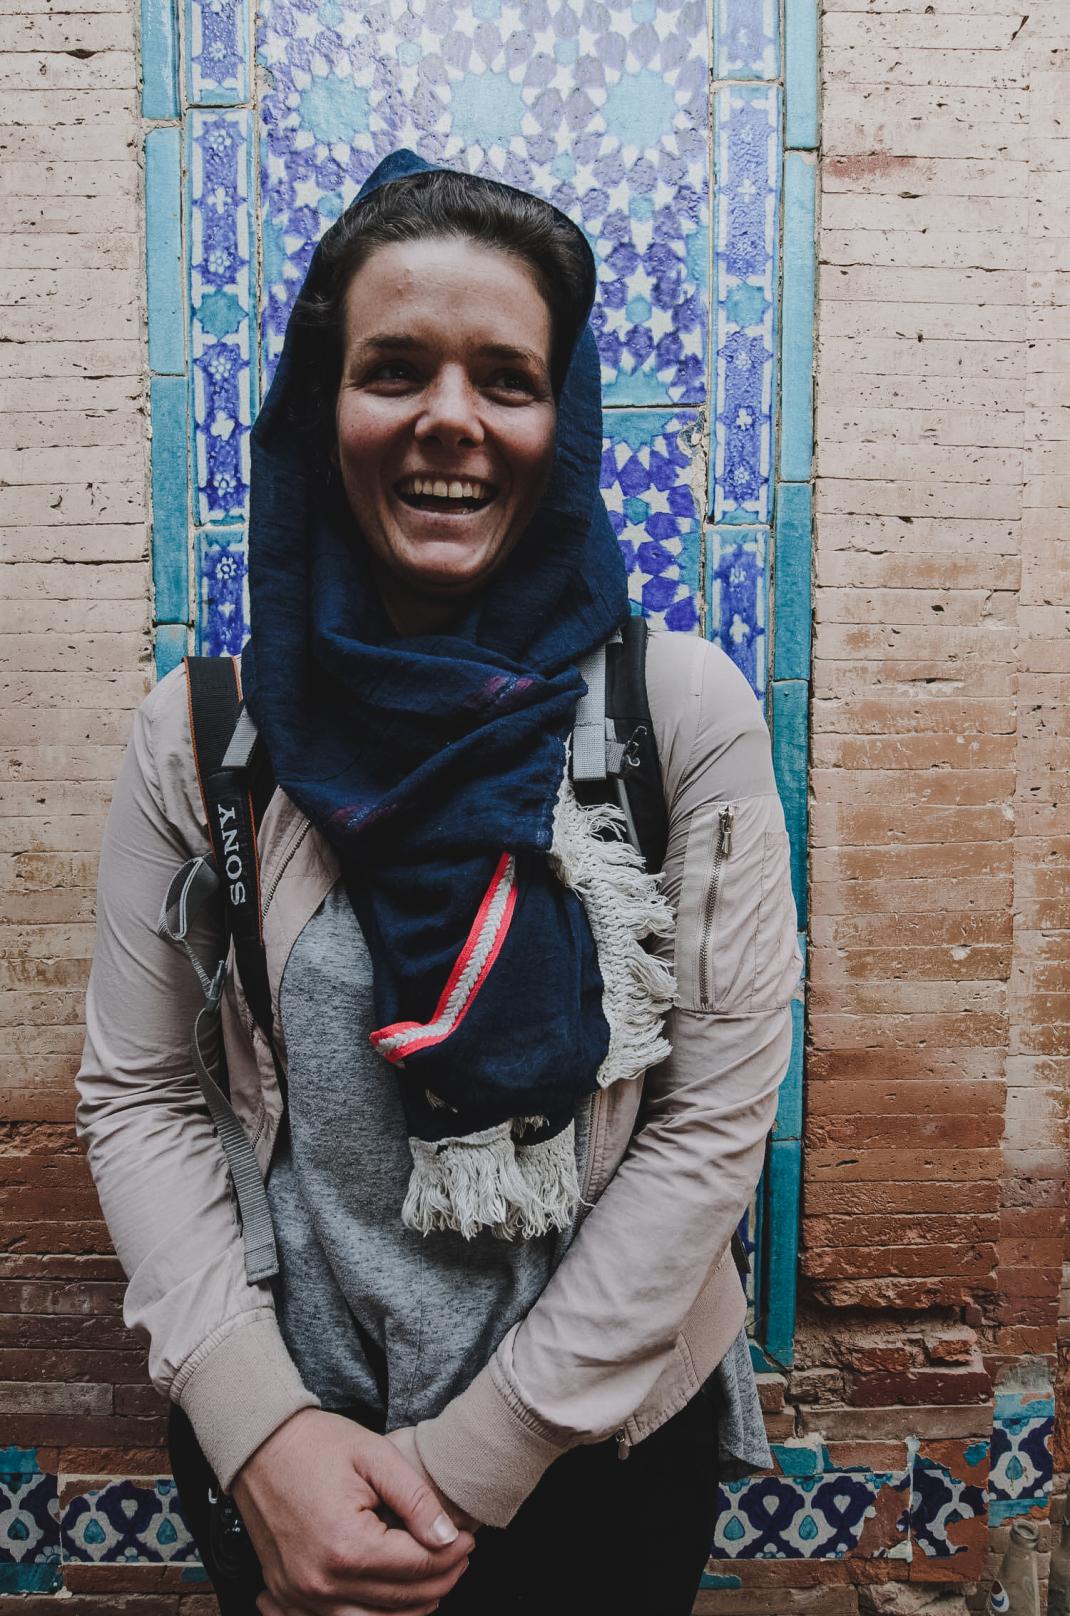 Anne Steinbach beim Backpacking in Pakistan: Mit Kopftuch